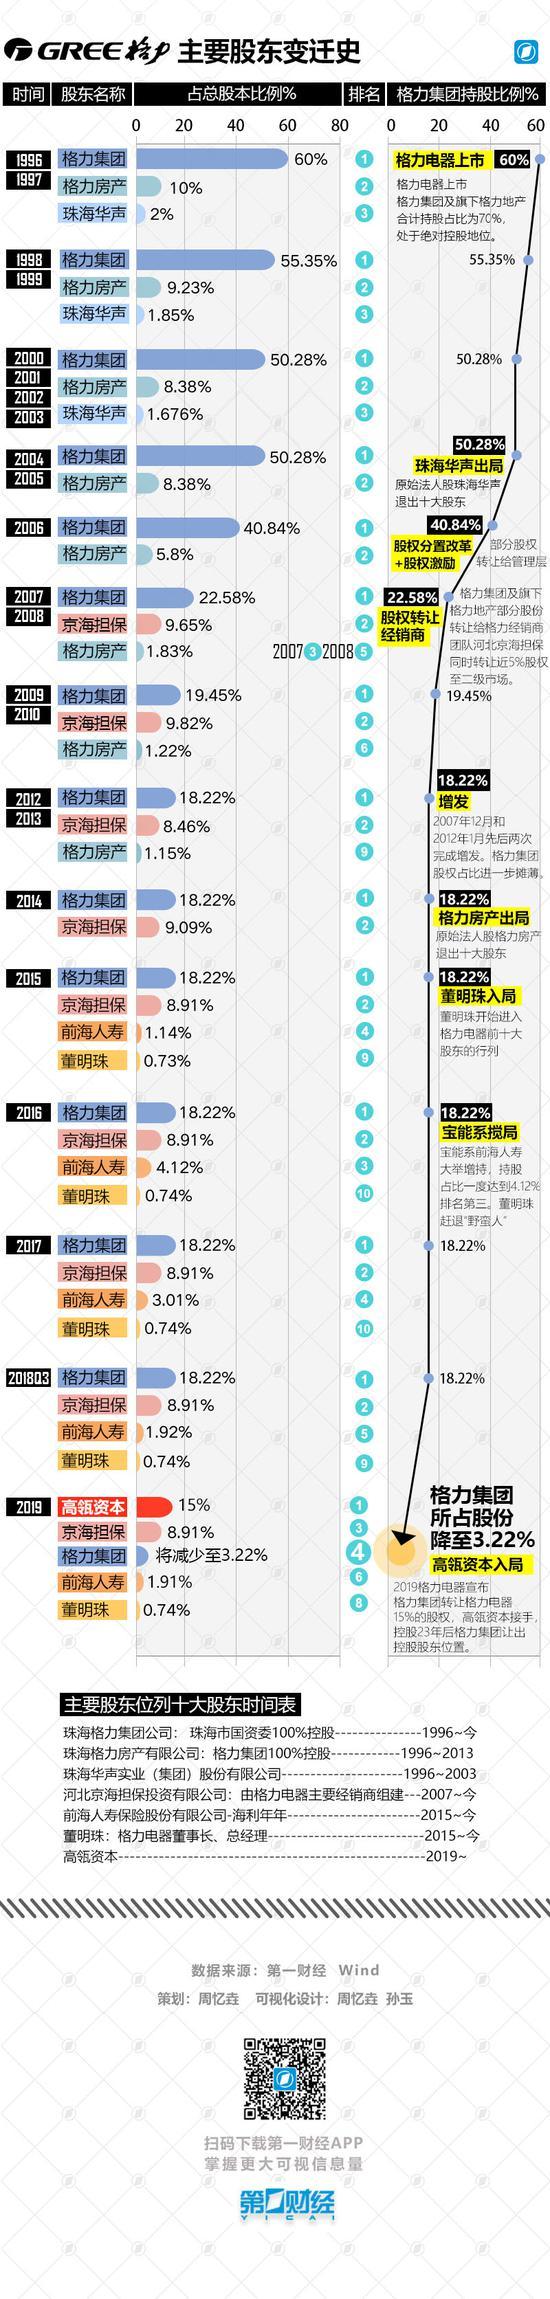 大赢家网站登入-内蒙古幸运儿喜中大乐透980万:先为孩子存起来